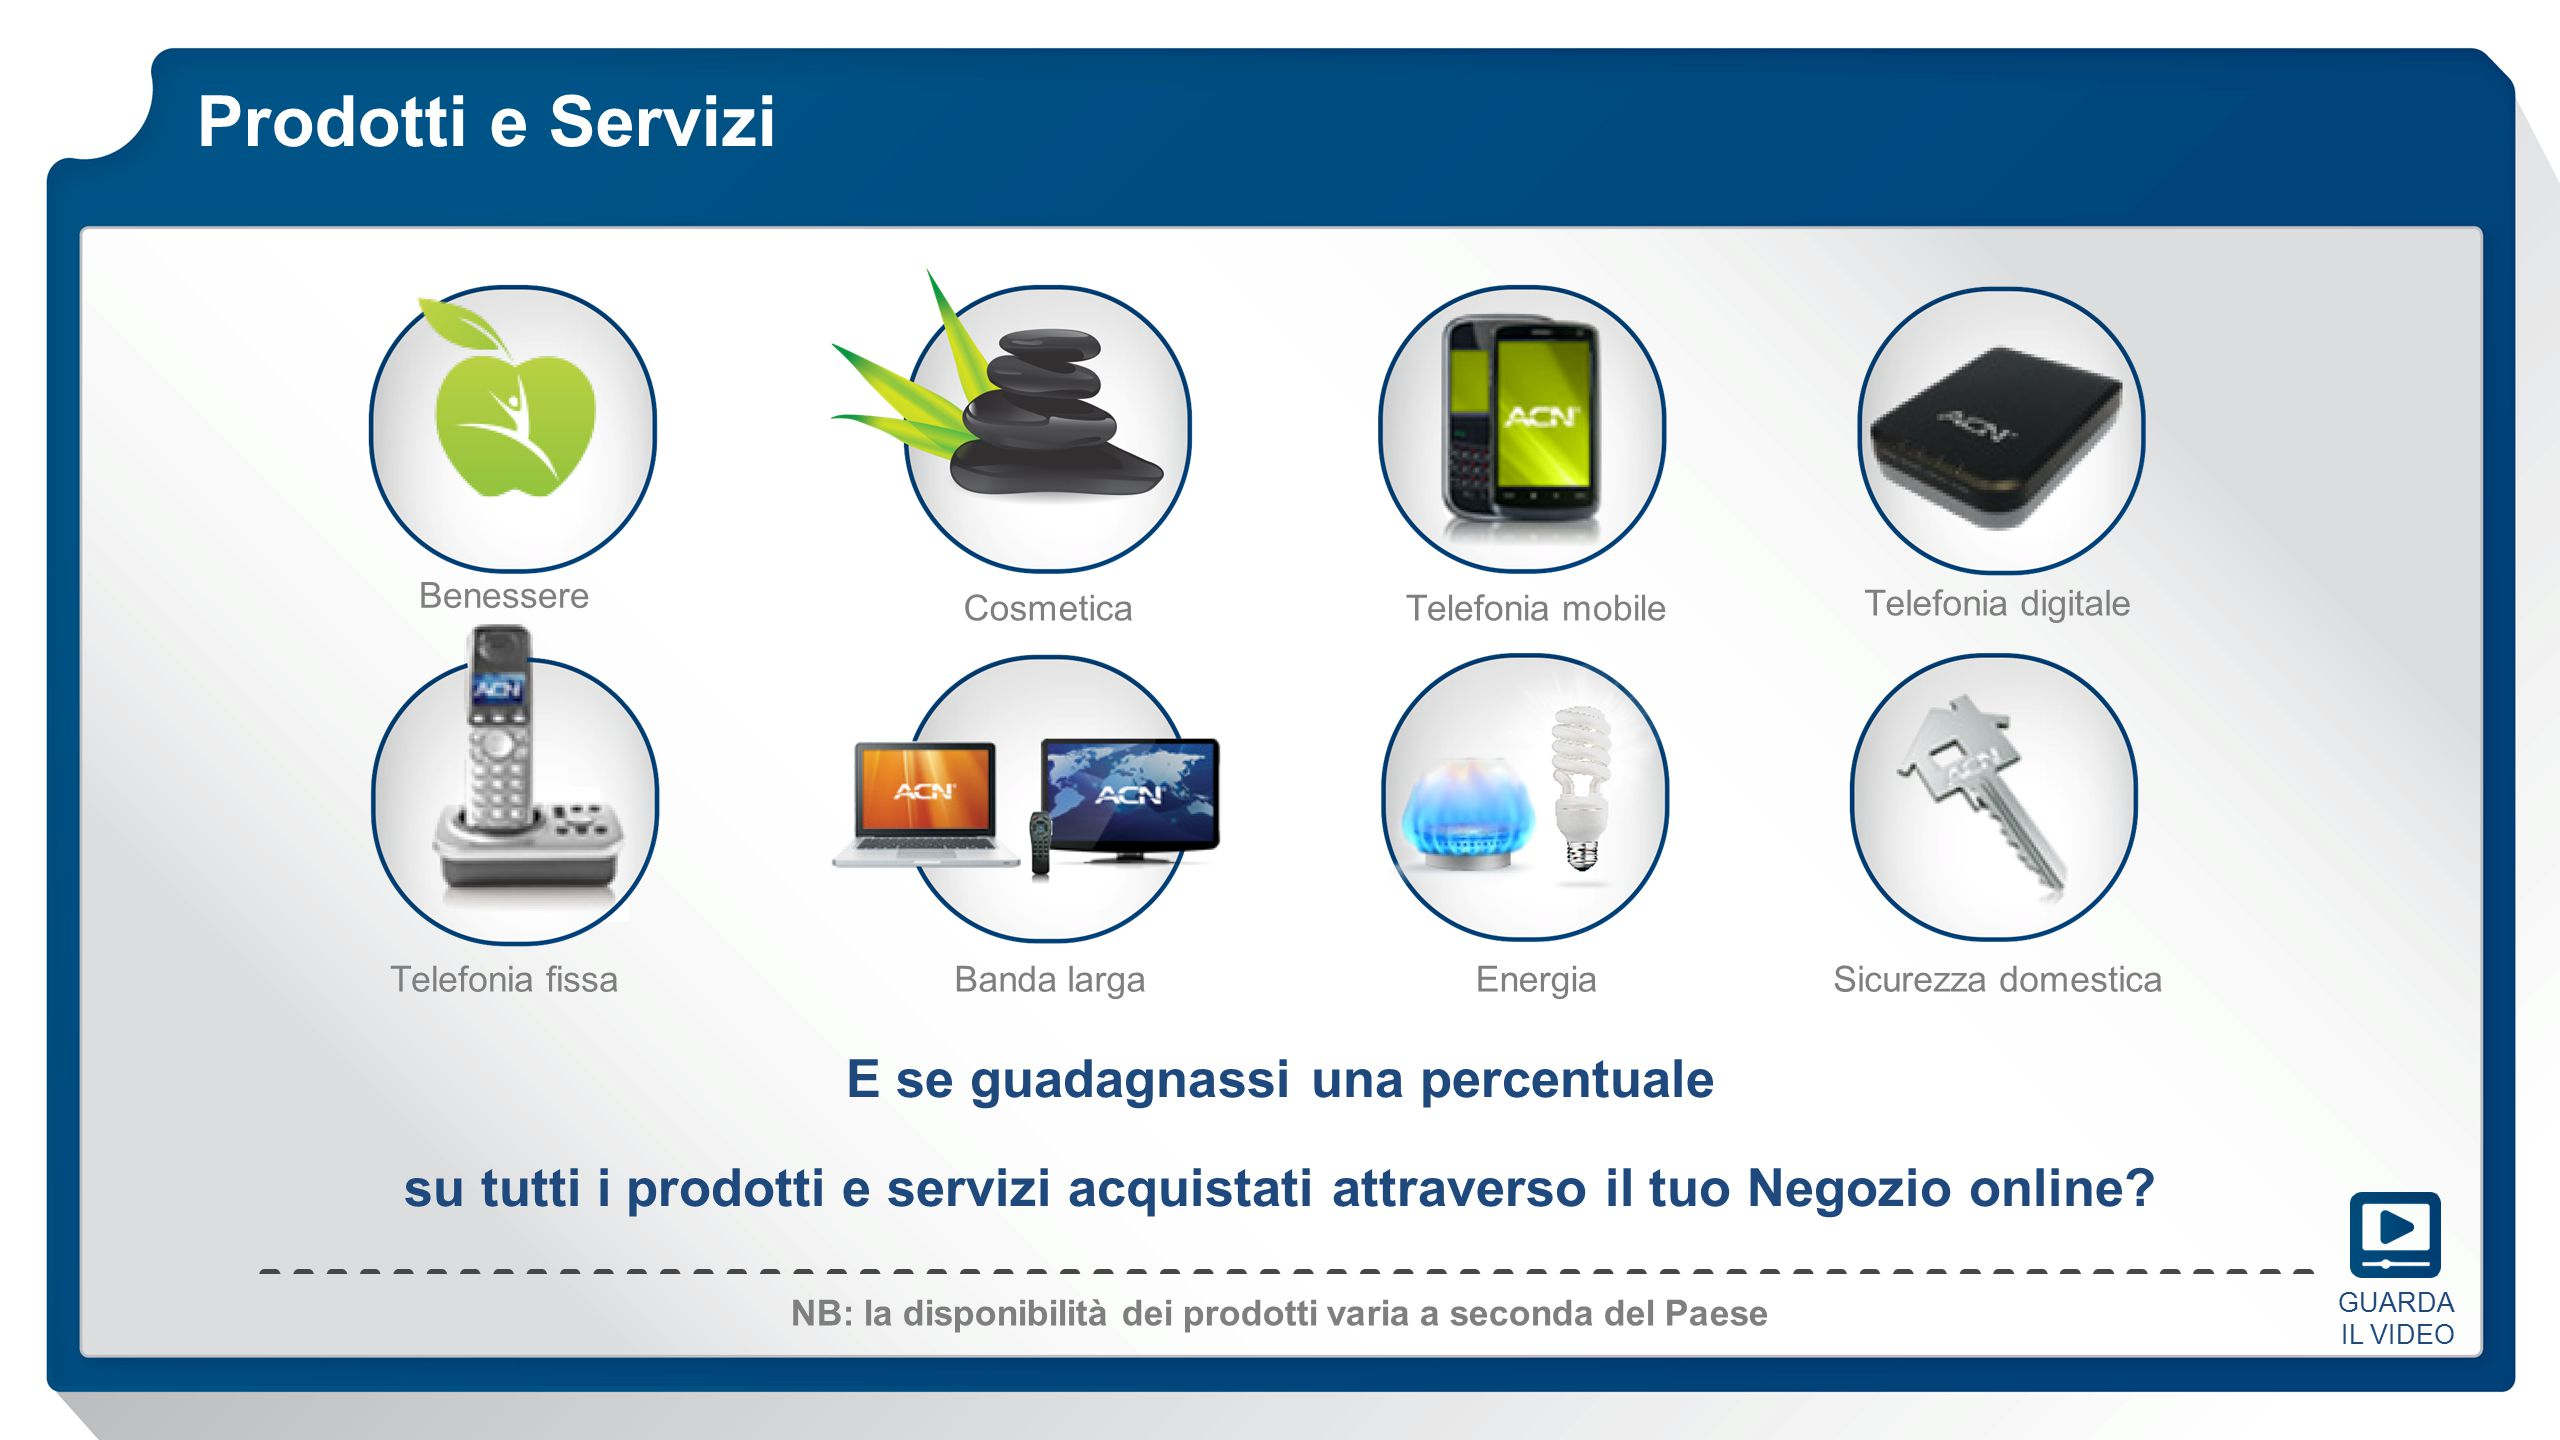 Prodotti e Servizi NB: la disponibilità dei prodotti varia a seconda del Paese E se guadagnassi una percentuale su tutti i prodotti e servizi acquista